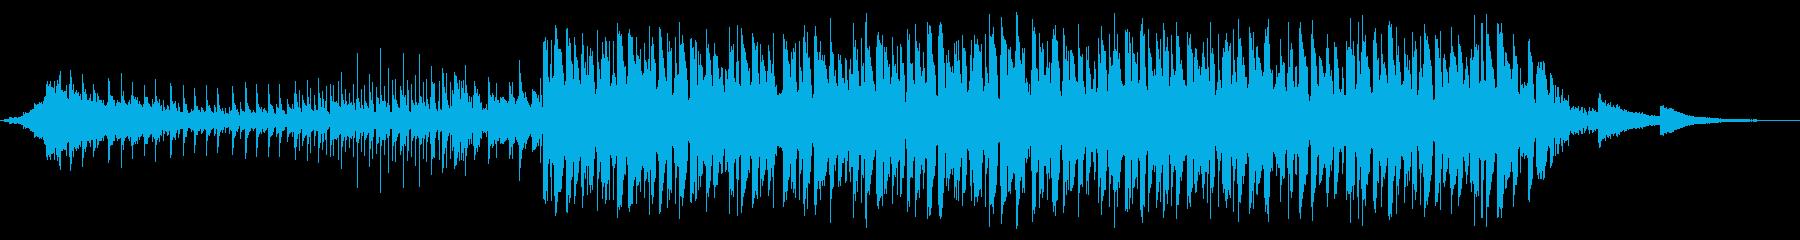 夏 海 ハウス 声ネタ無し60秒版の再生済みの波形